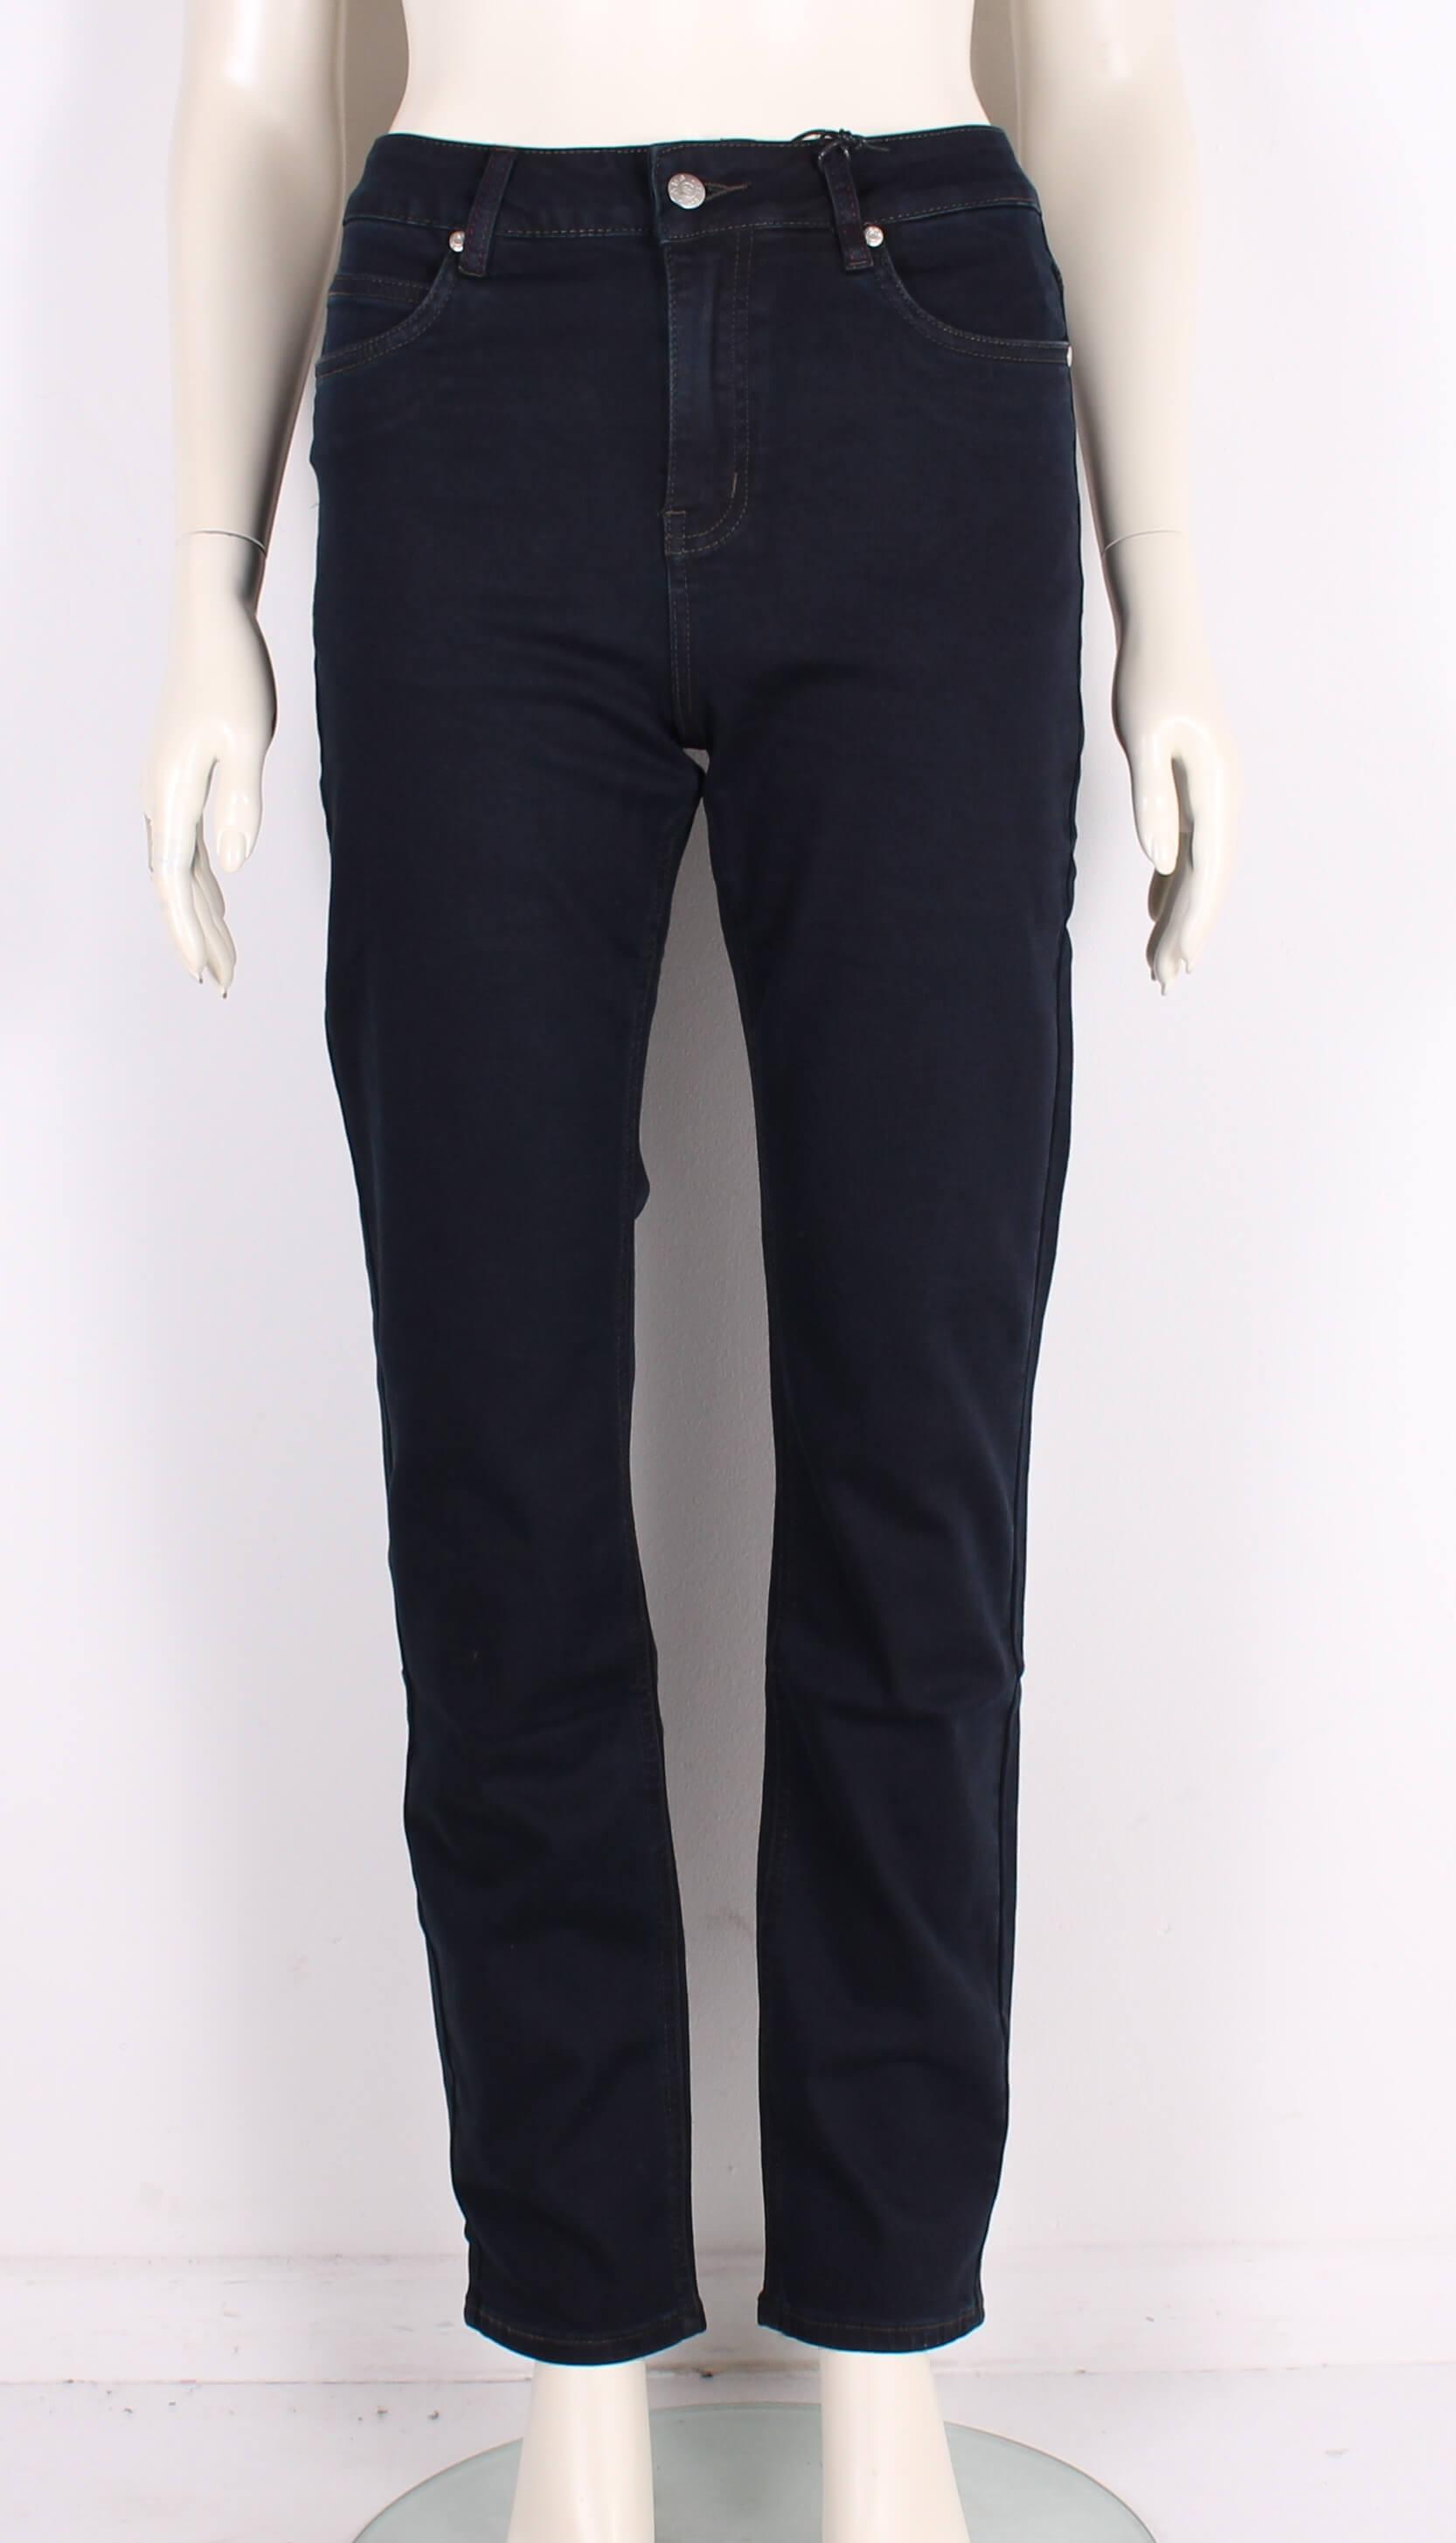 ASP – Smarte Dame Net Jeans m. høj talje – Mørkeblå